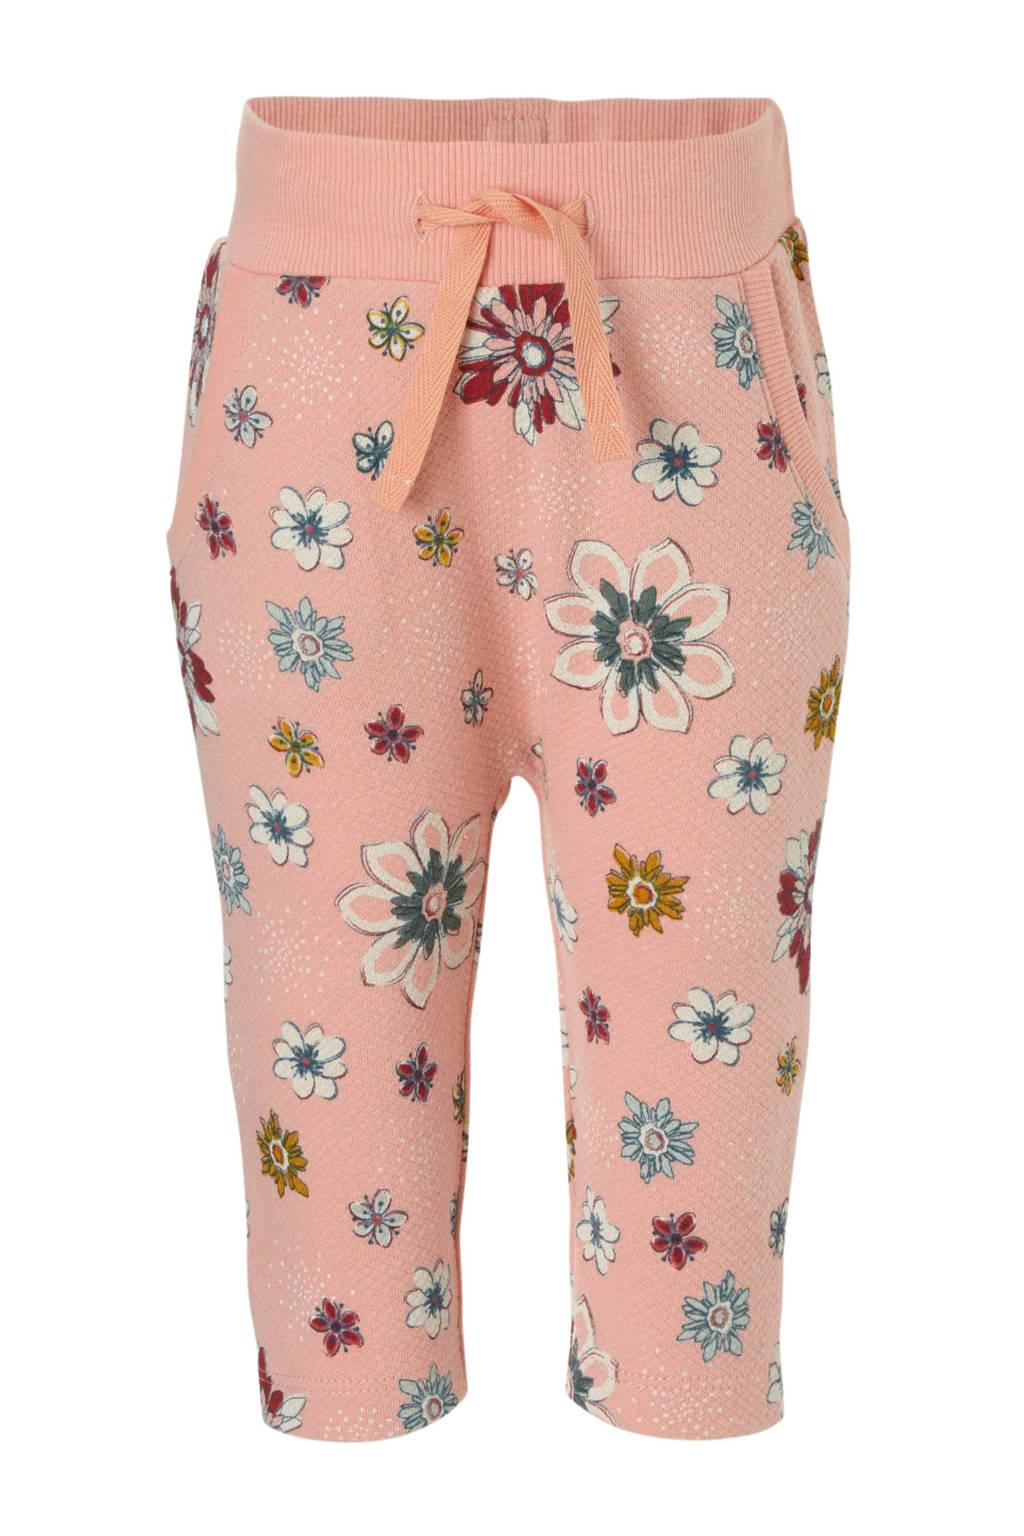 Small Rags broek met bloemenprint, Koraalrood